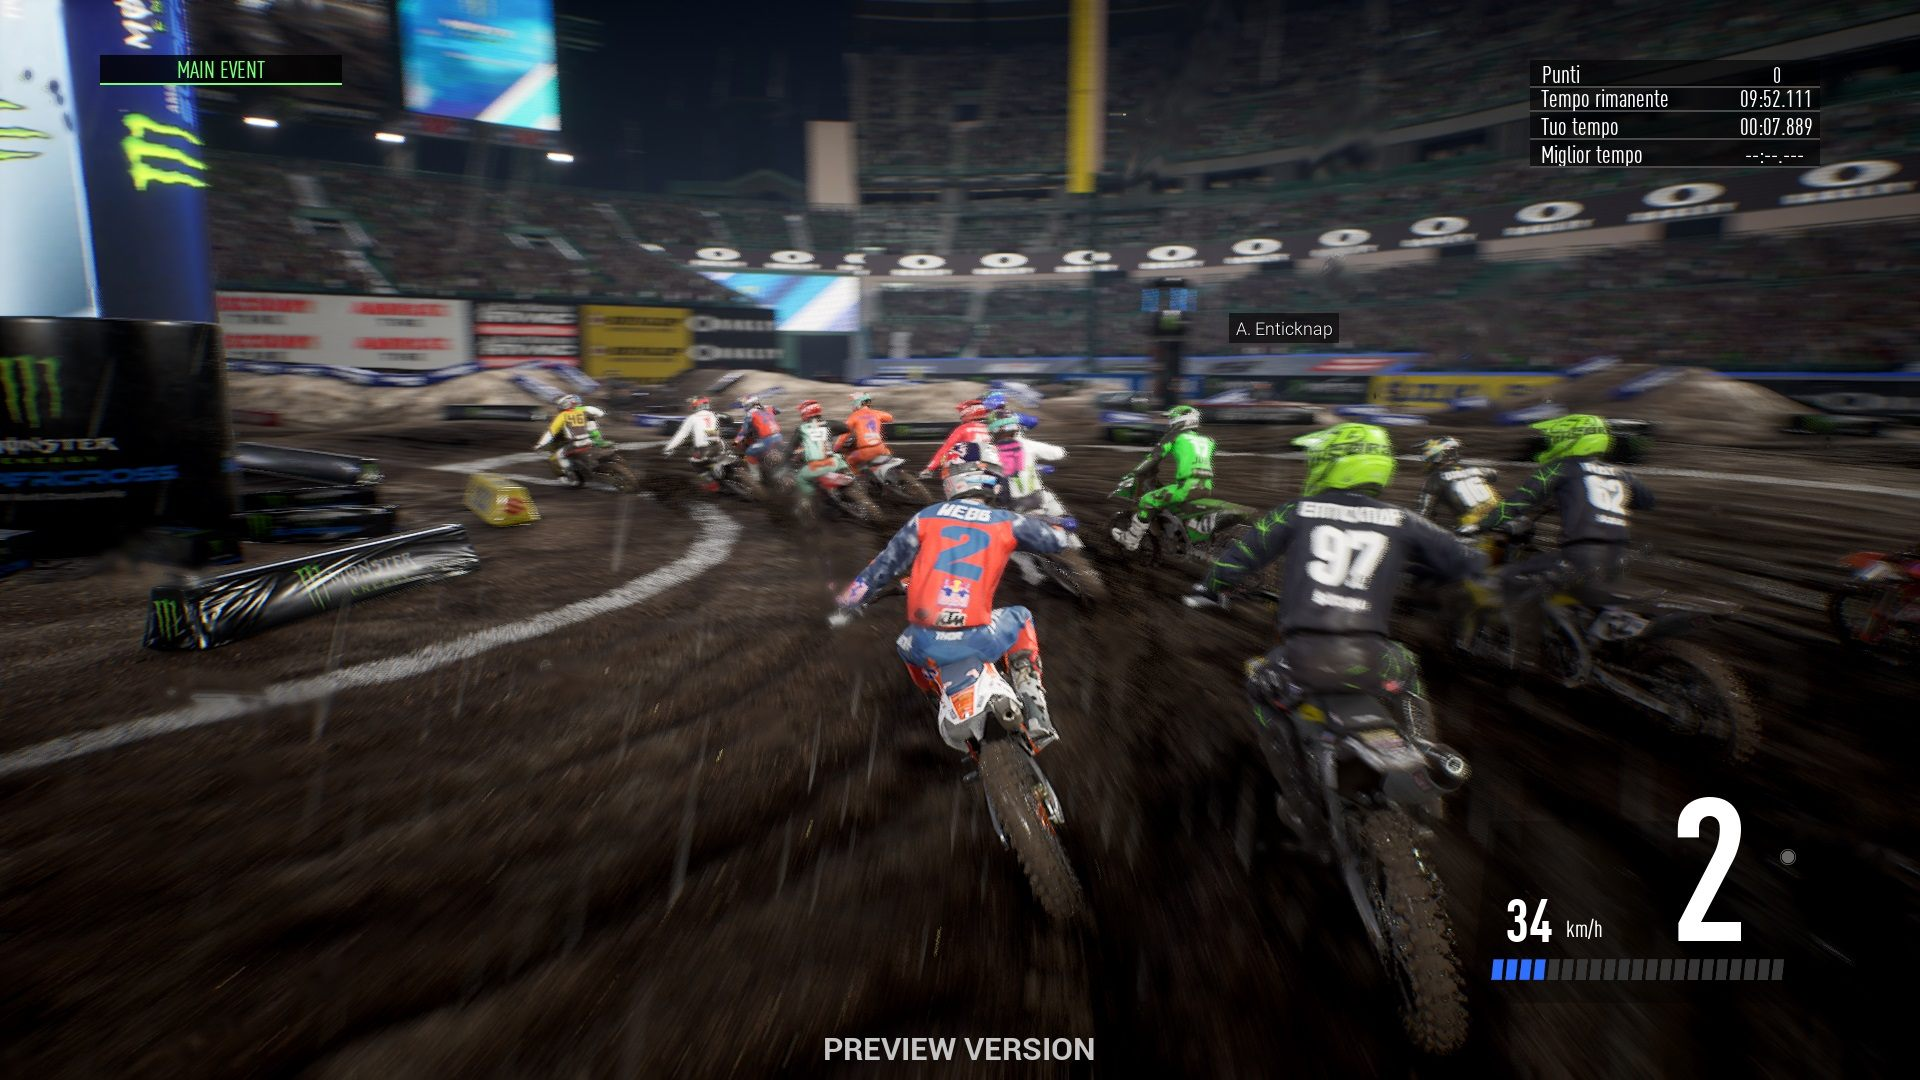 Monster Energy Supercross 3 Provato Monster Energy Supercross 3 Anteprima Monster Energy Supercross the official videogame 3